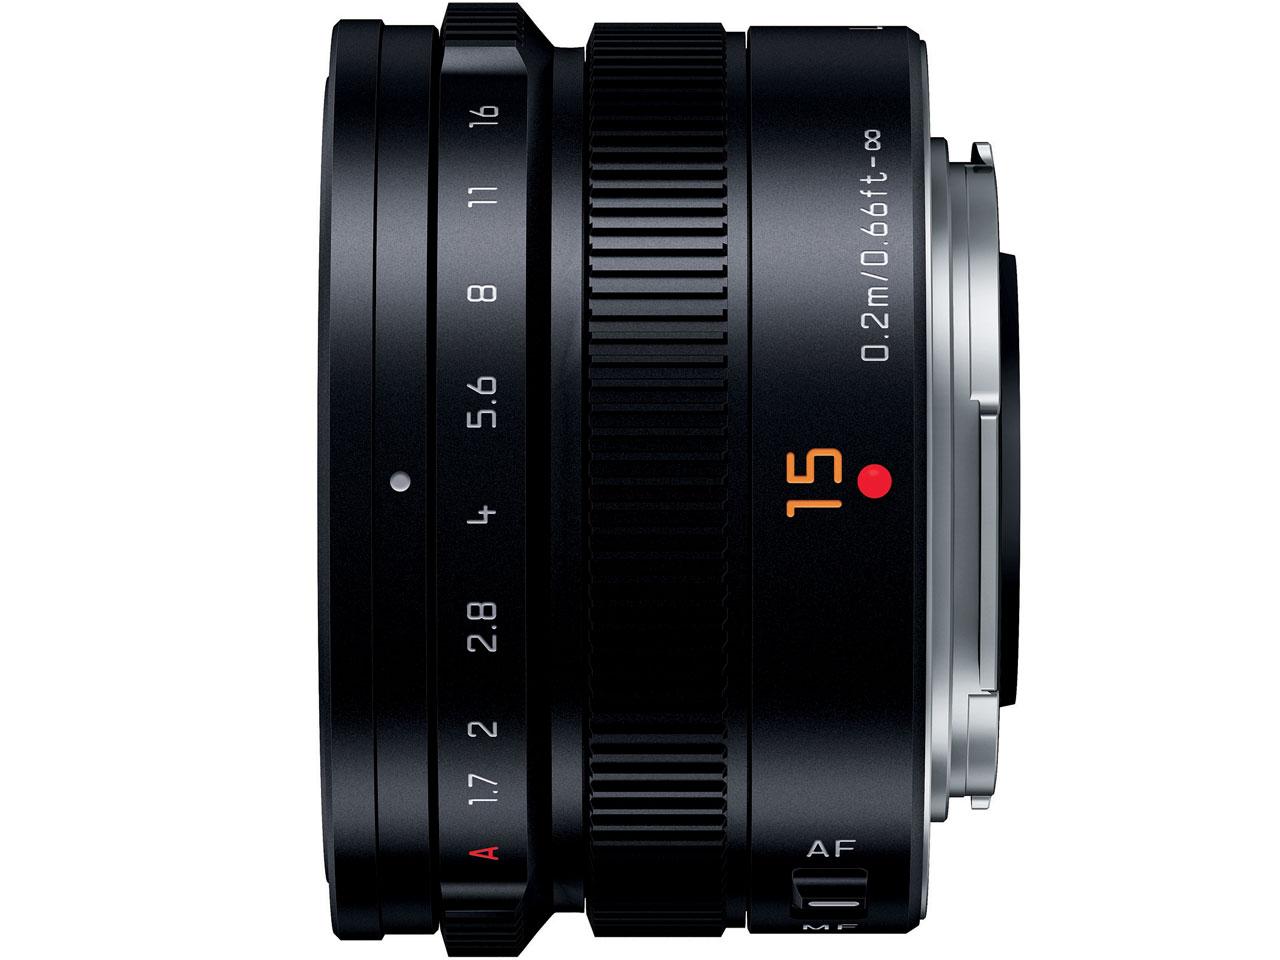 『本体 側面』 LEICA DG SUMMILUX 15mm/F1.7 ASPH. H-X015-K [ブラック] の製品画像